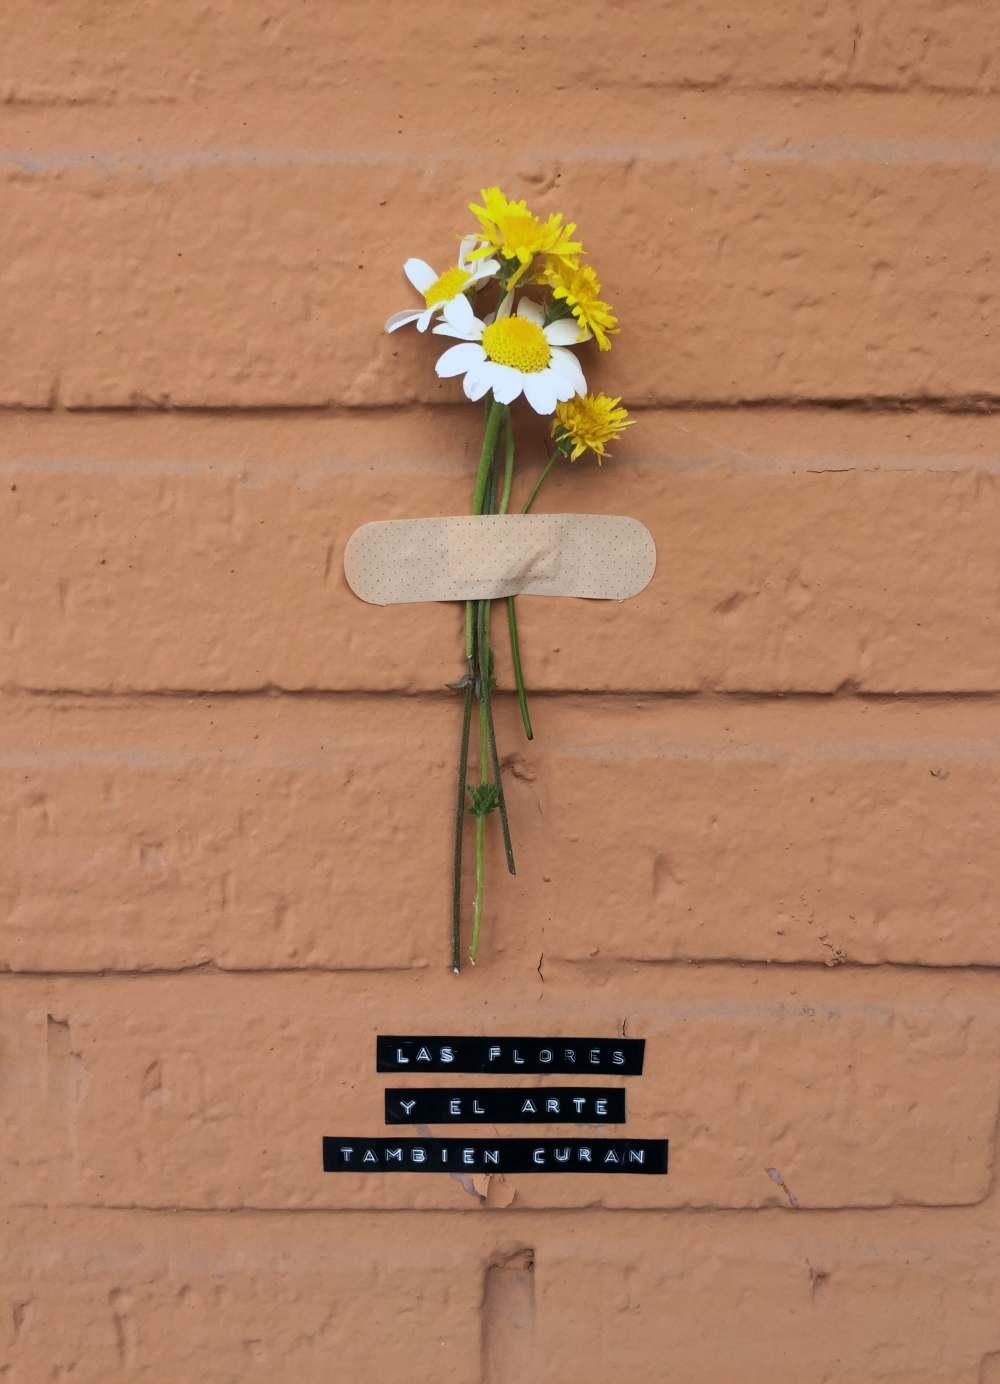 Las flores y arte también curan.